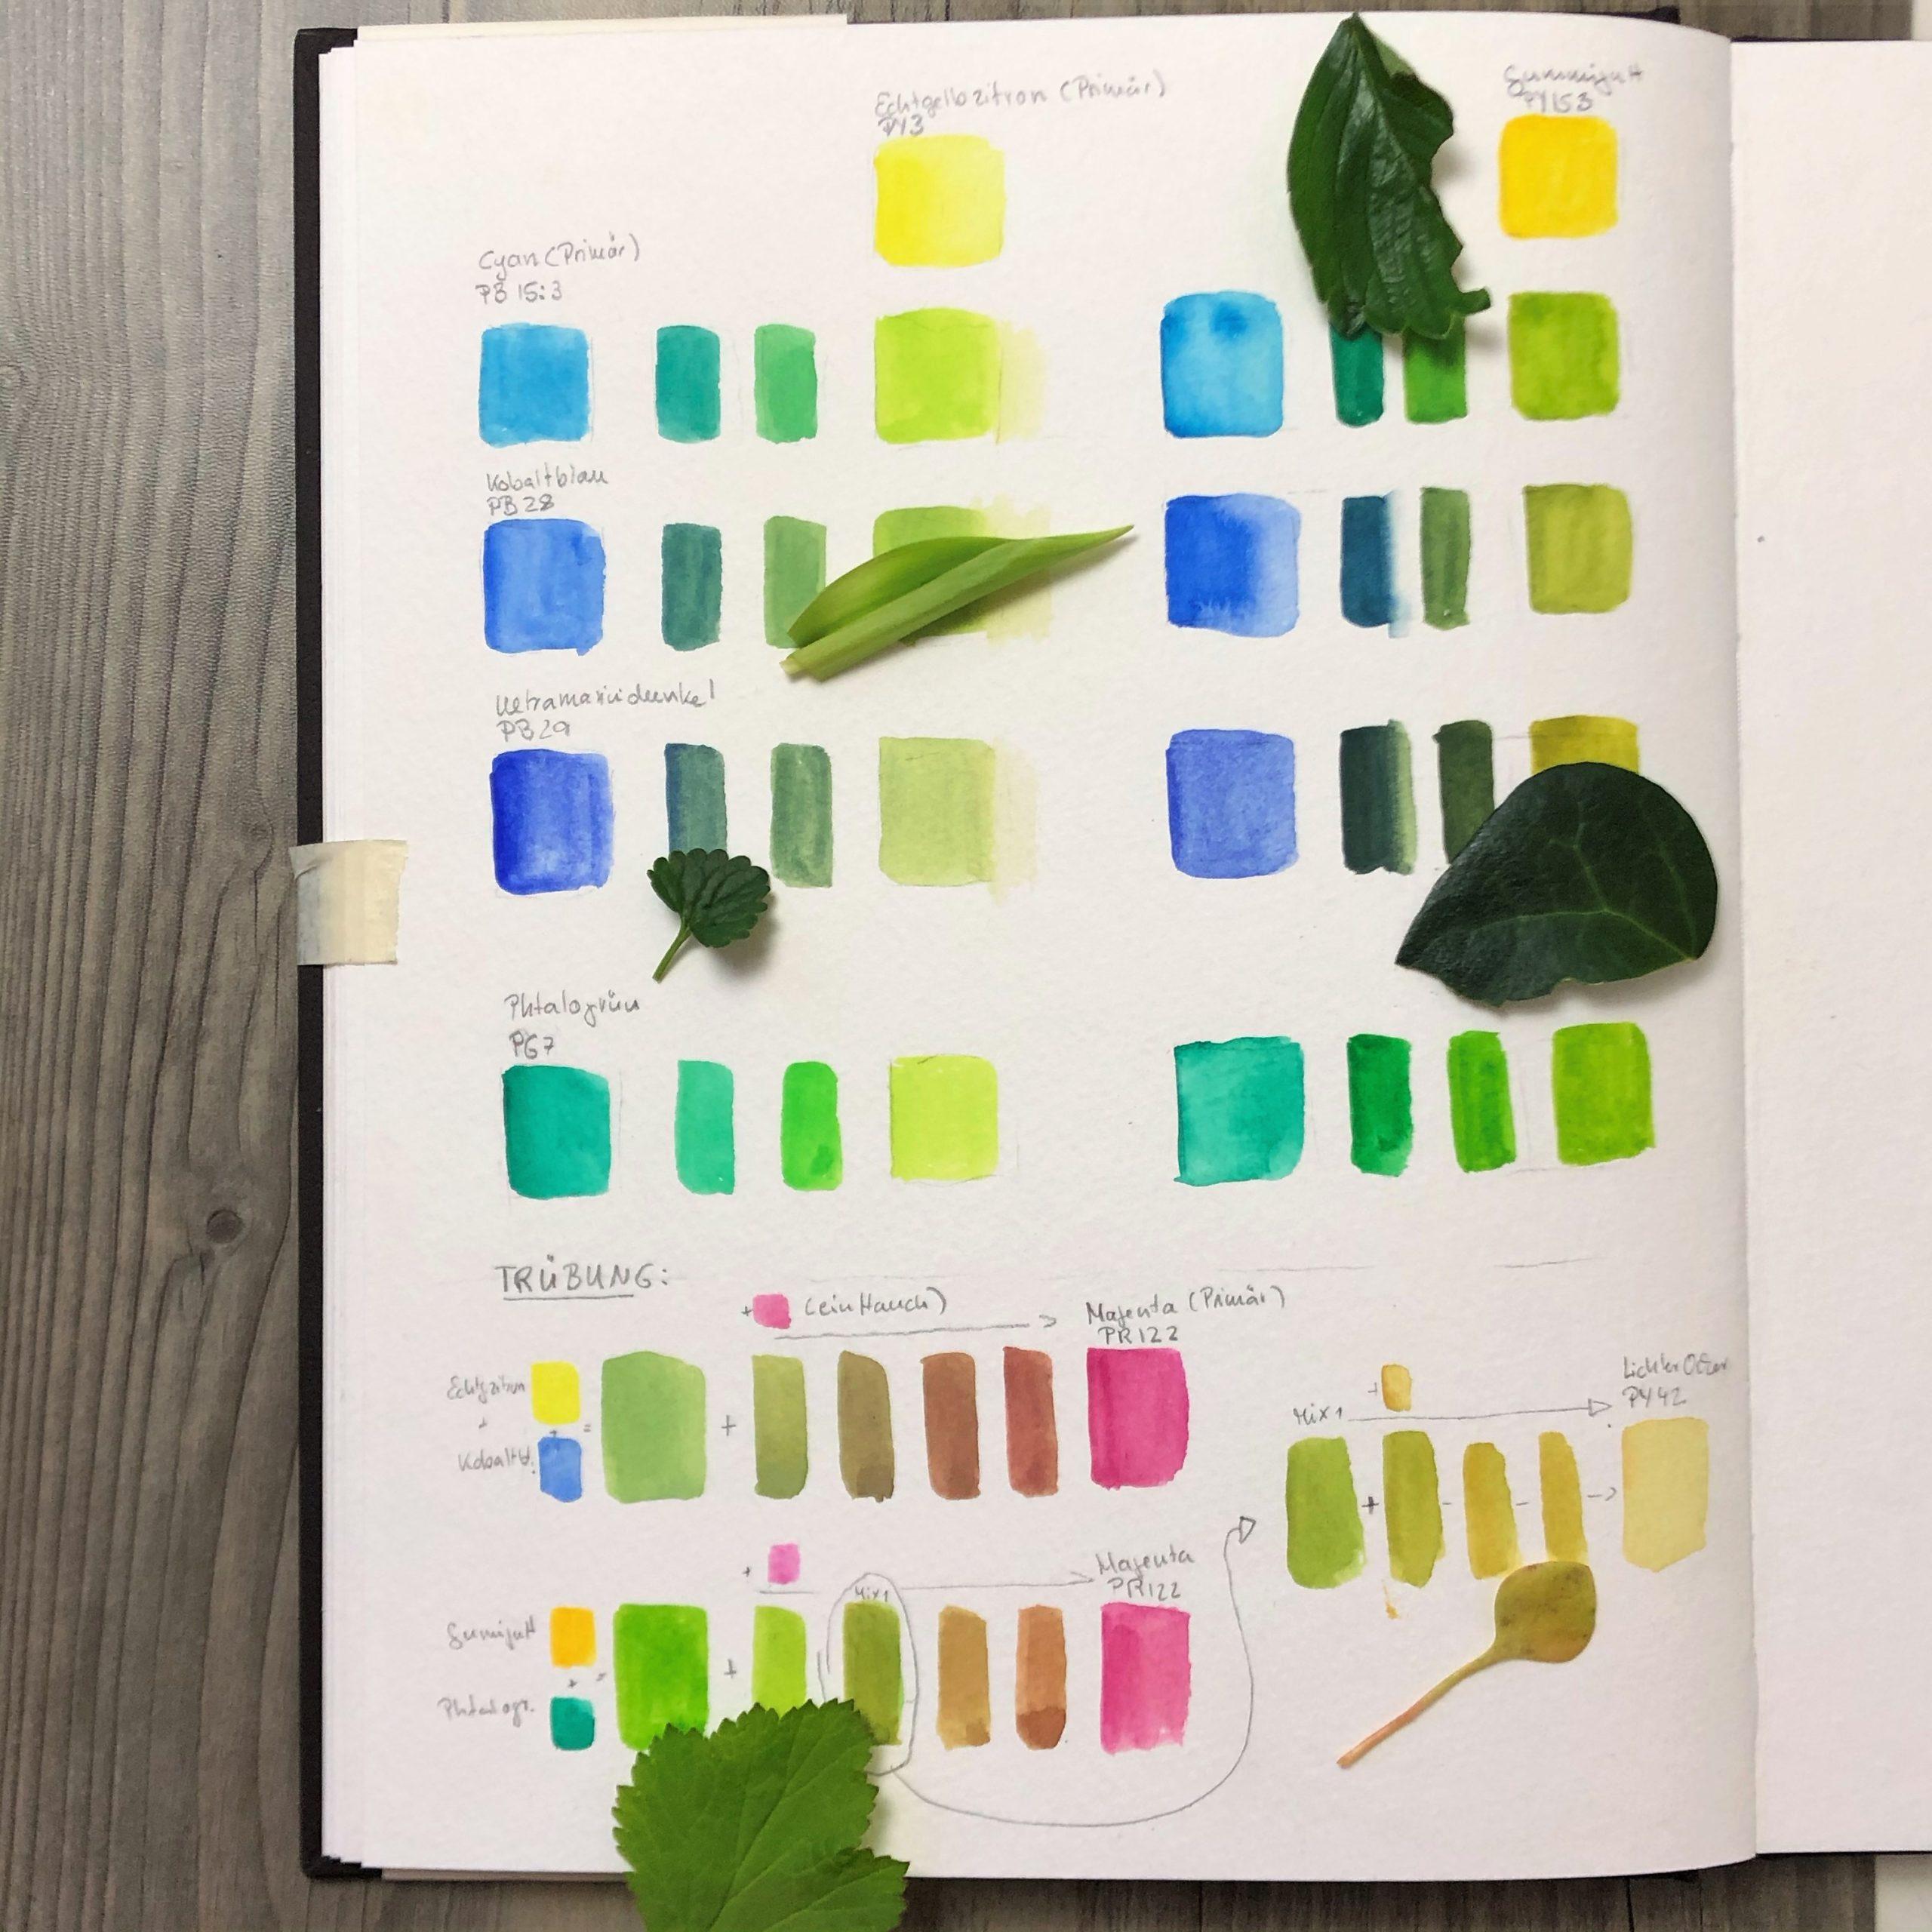 Der Grüne Faden – Meine besten Tipps fürs Grün Mischen in Aquarell